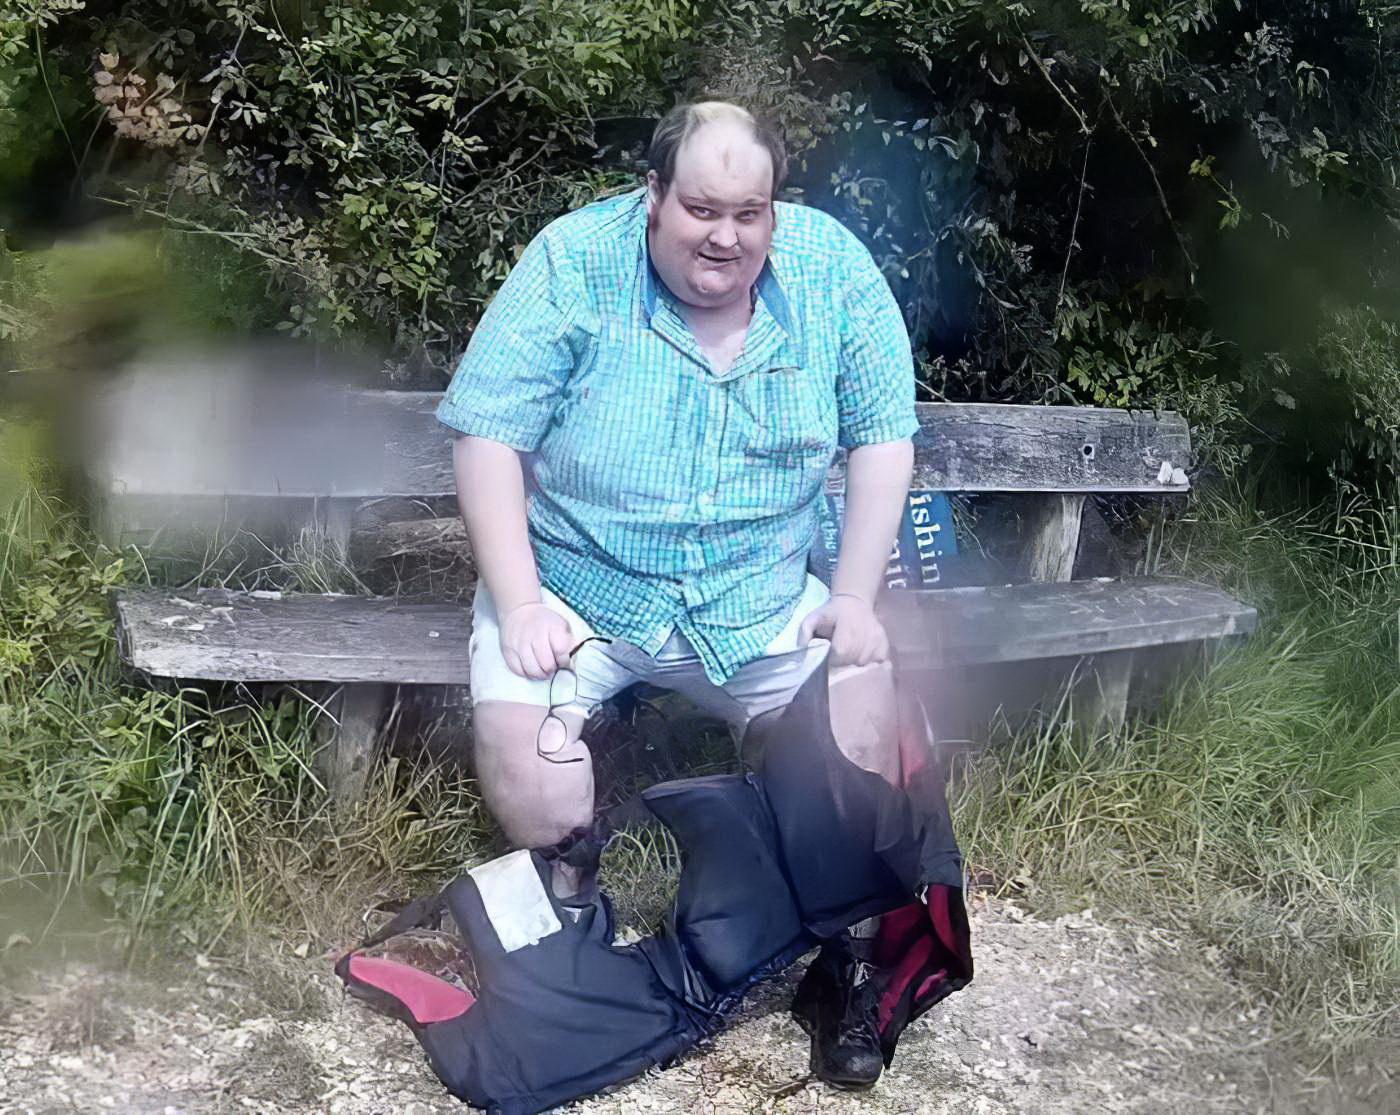 Британец сбросил 100 килограммов после указания врача